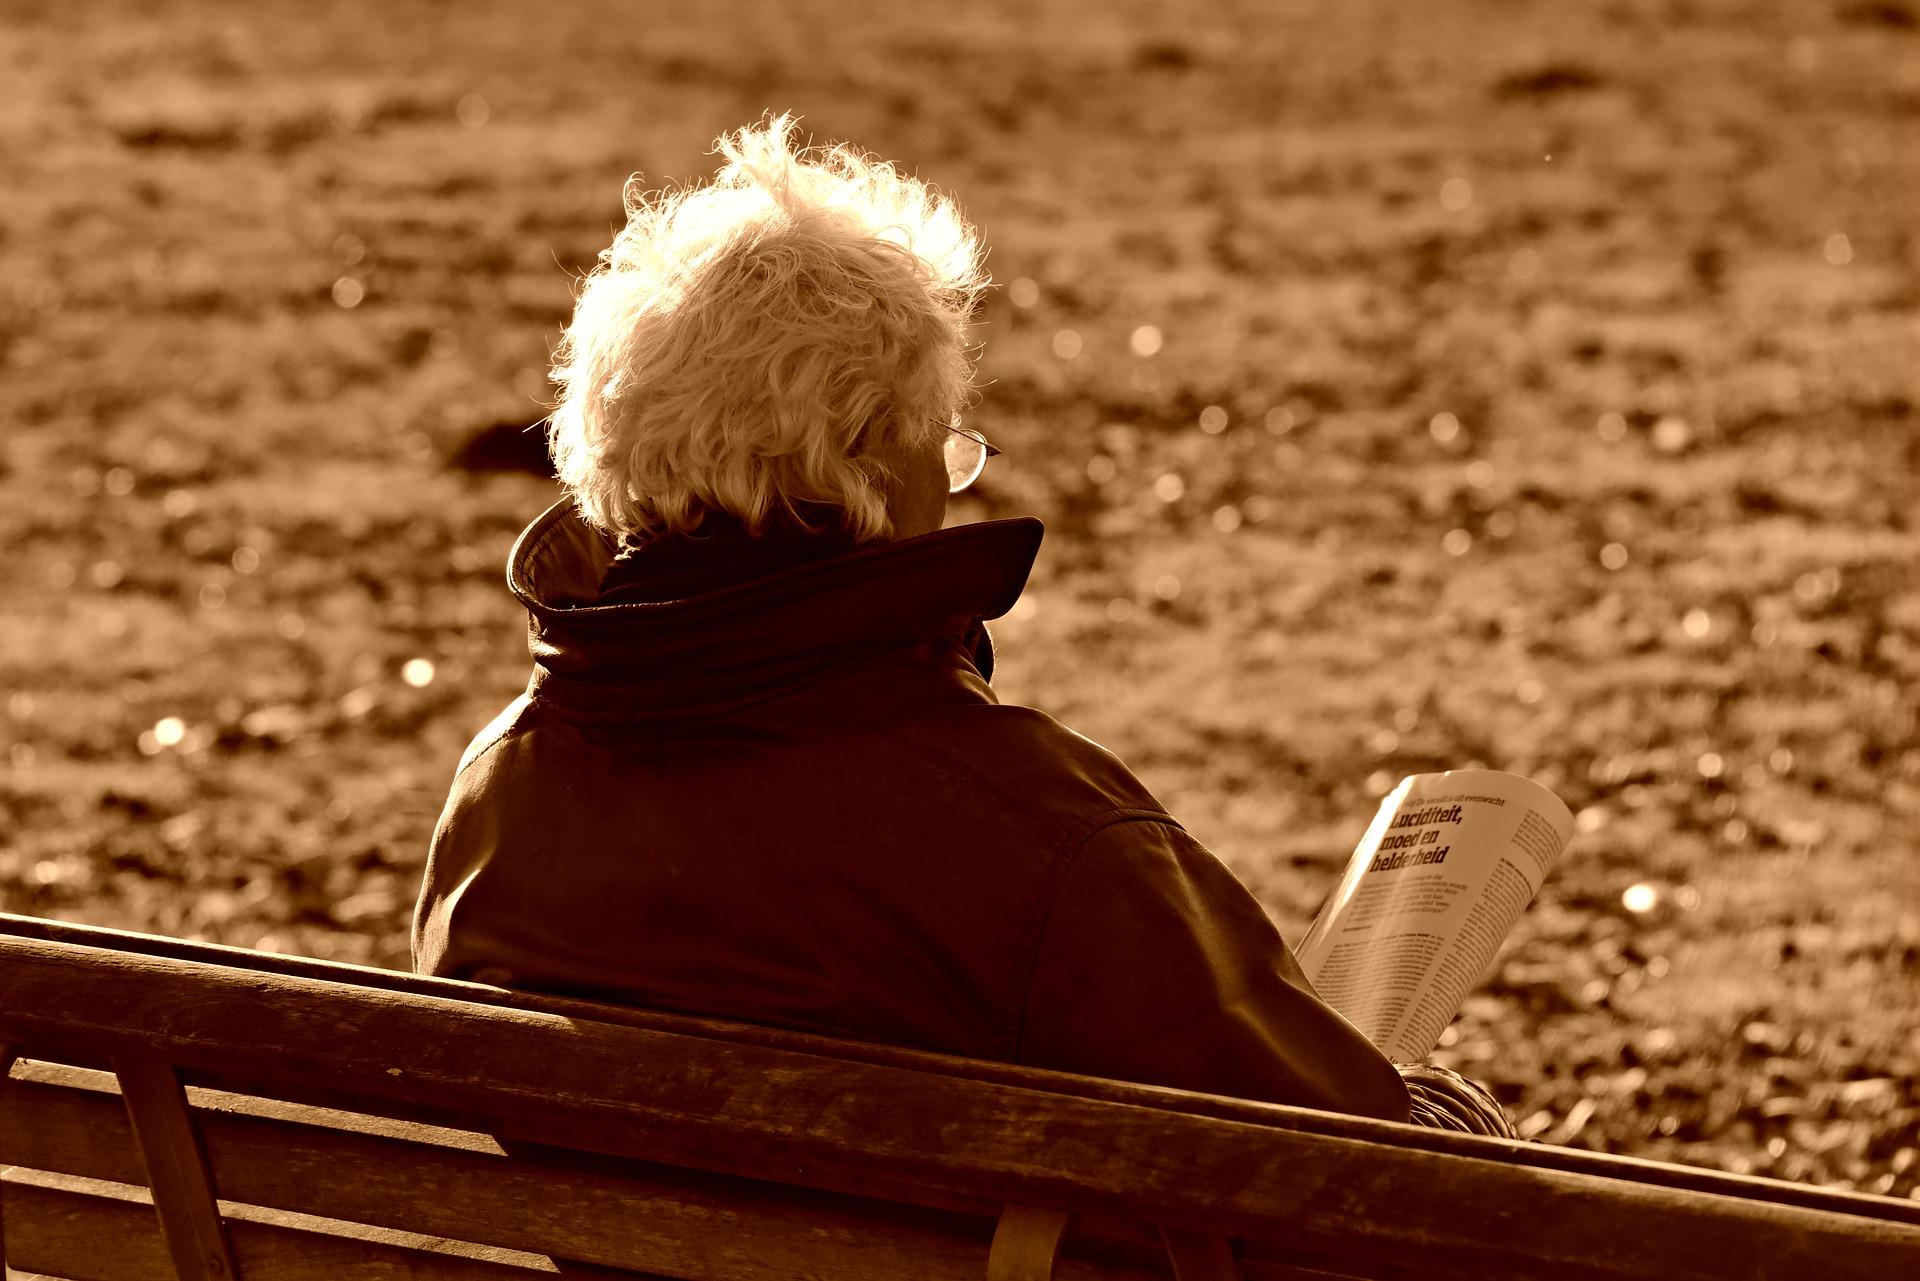 Polska się starzeje. Już 1,7mln Polaków jest w wieku 80+!